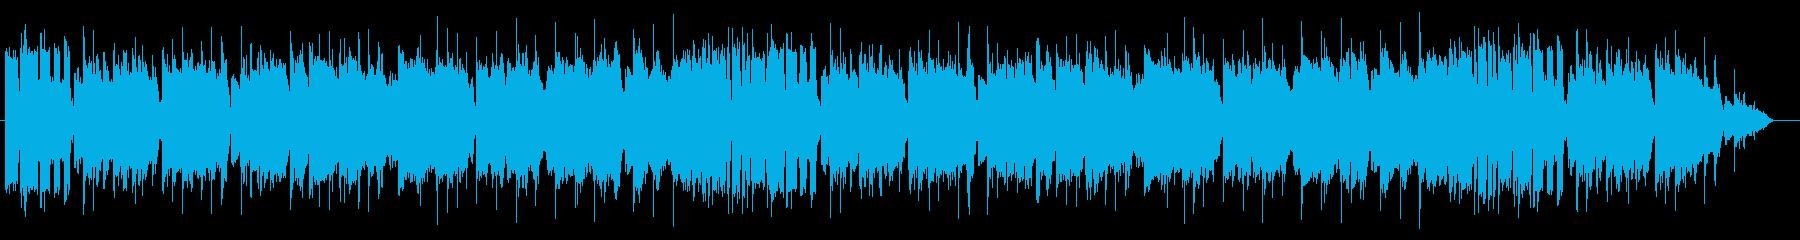 オープニング用のブラスファンファーレの再生済みの波形